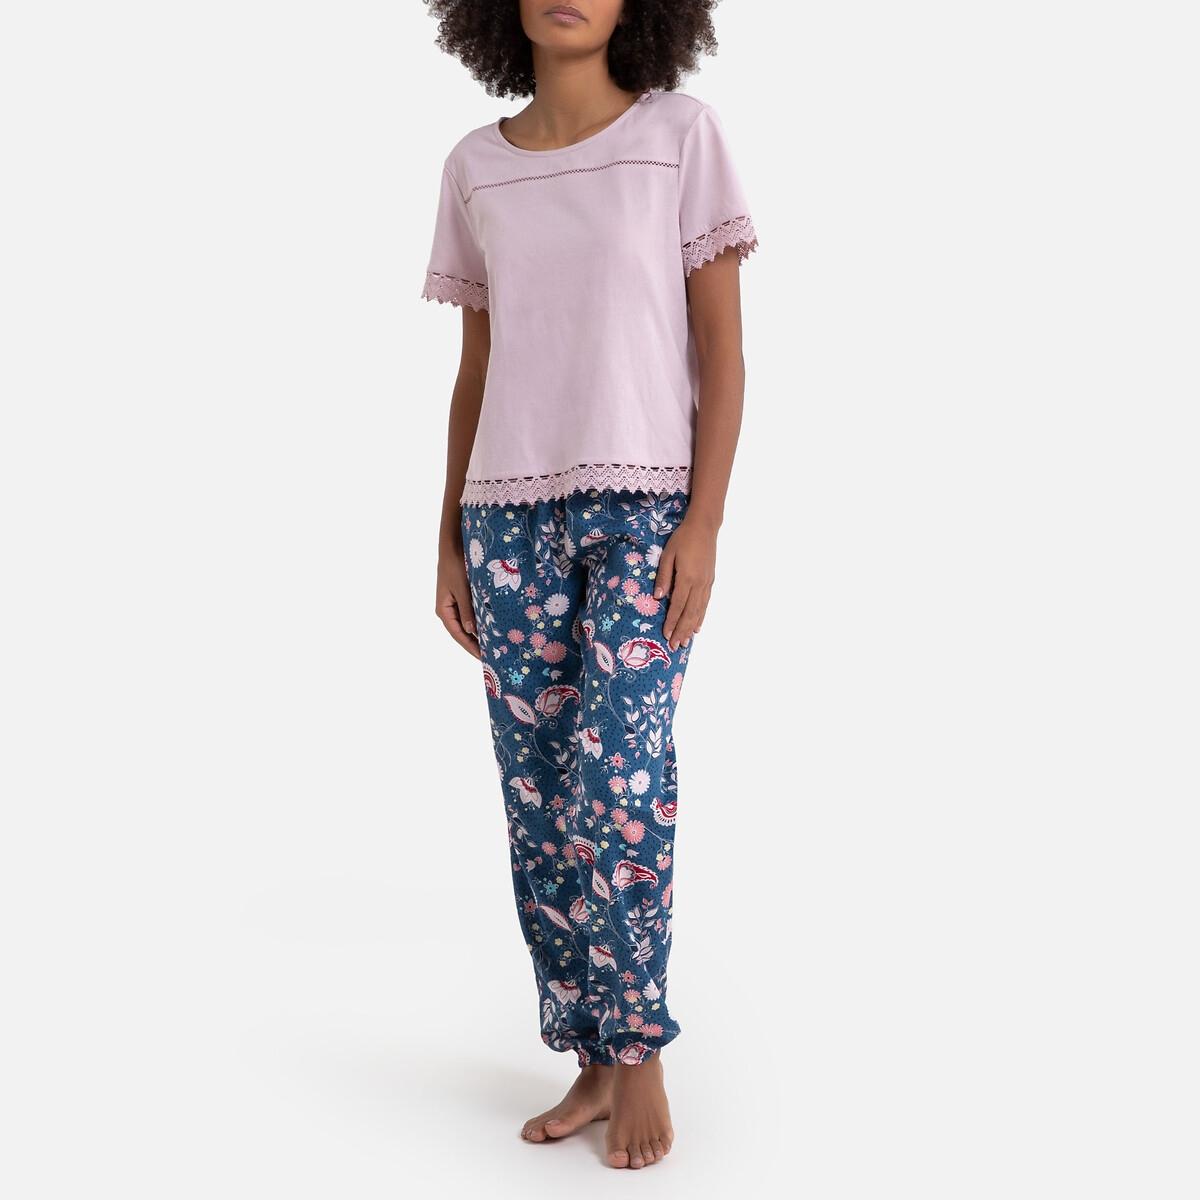 Pijama de manga corta con pantalón estampado